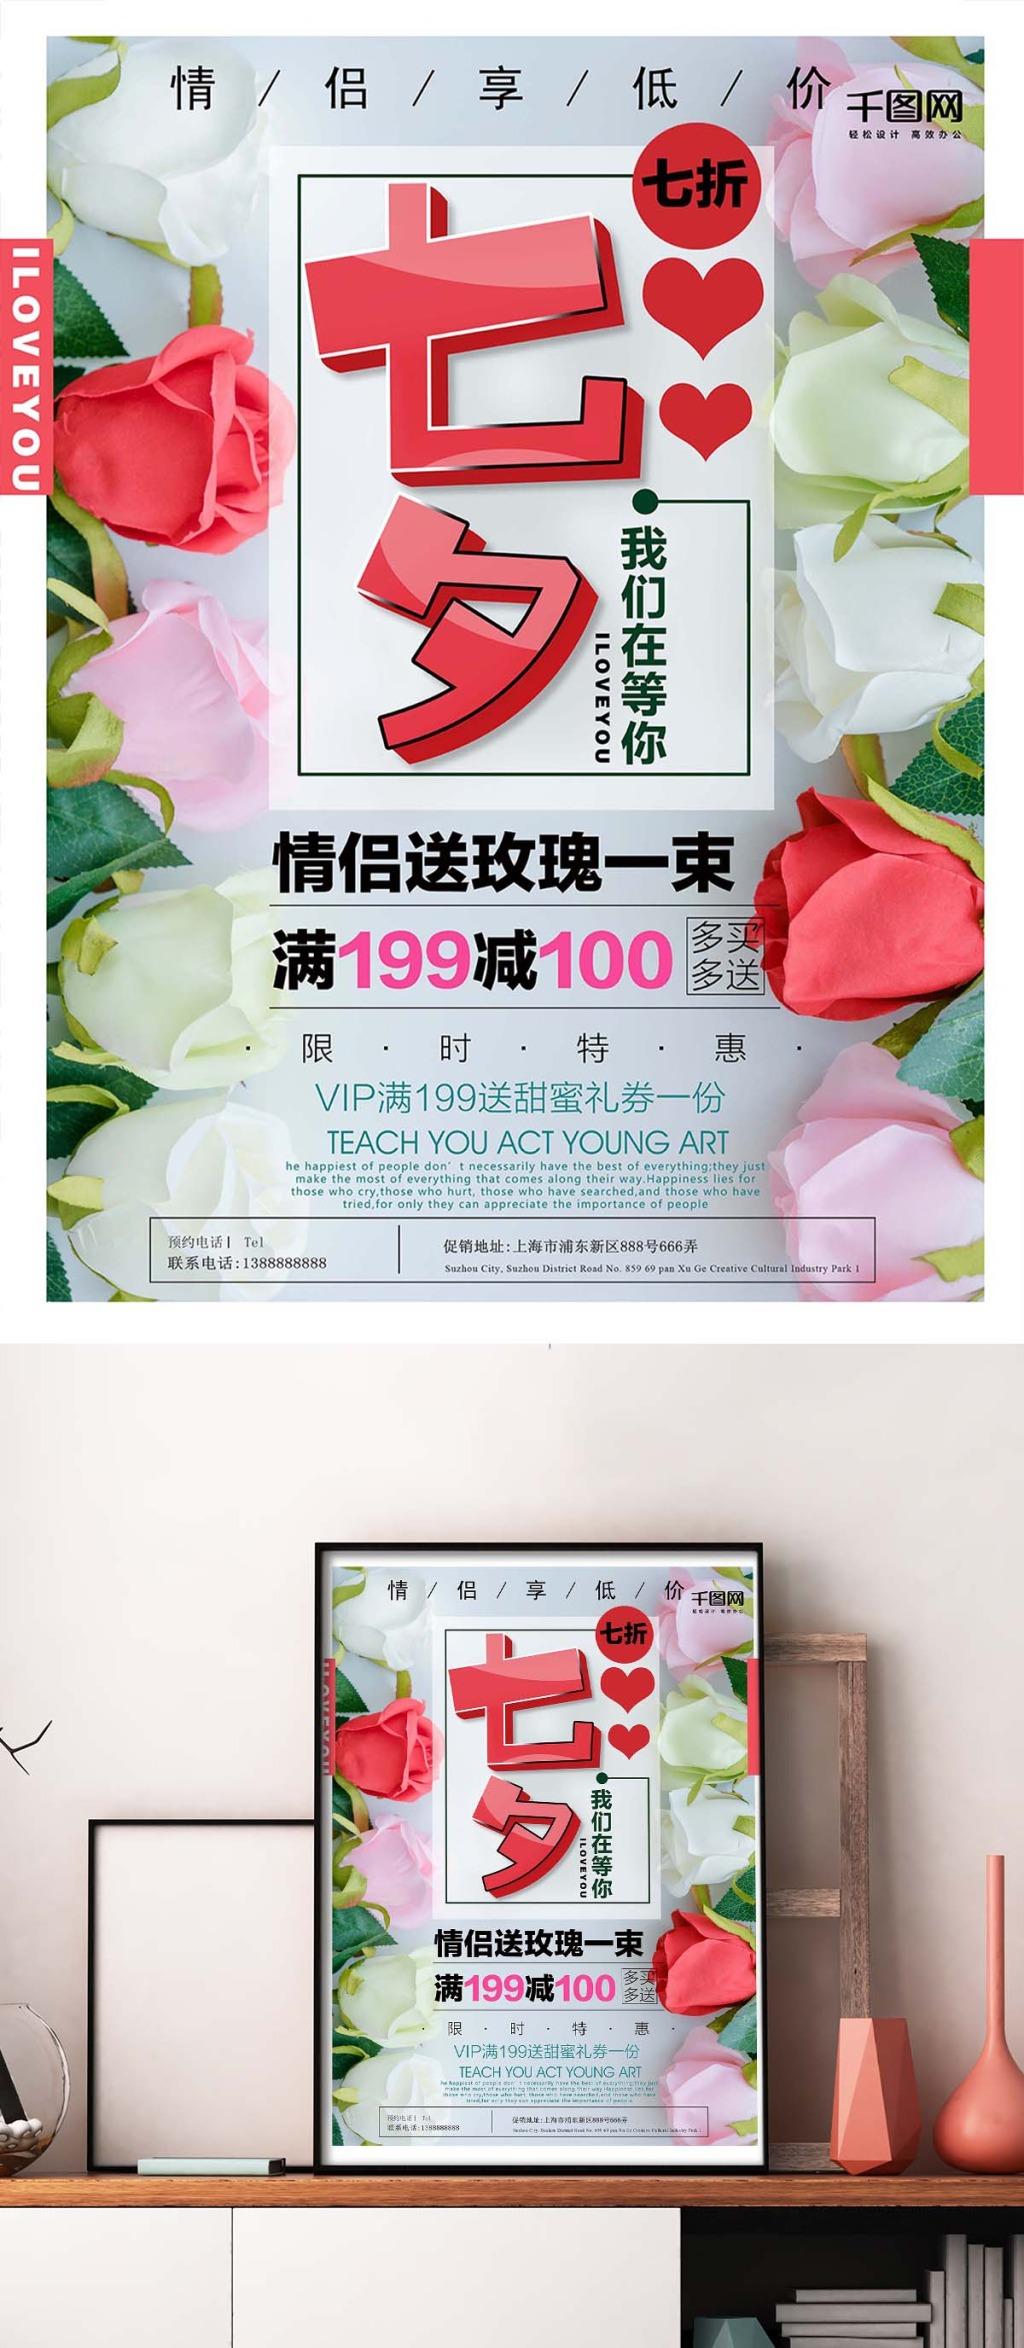 可爱玫瑰花朵七夕促销海报设计欣赏